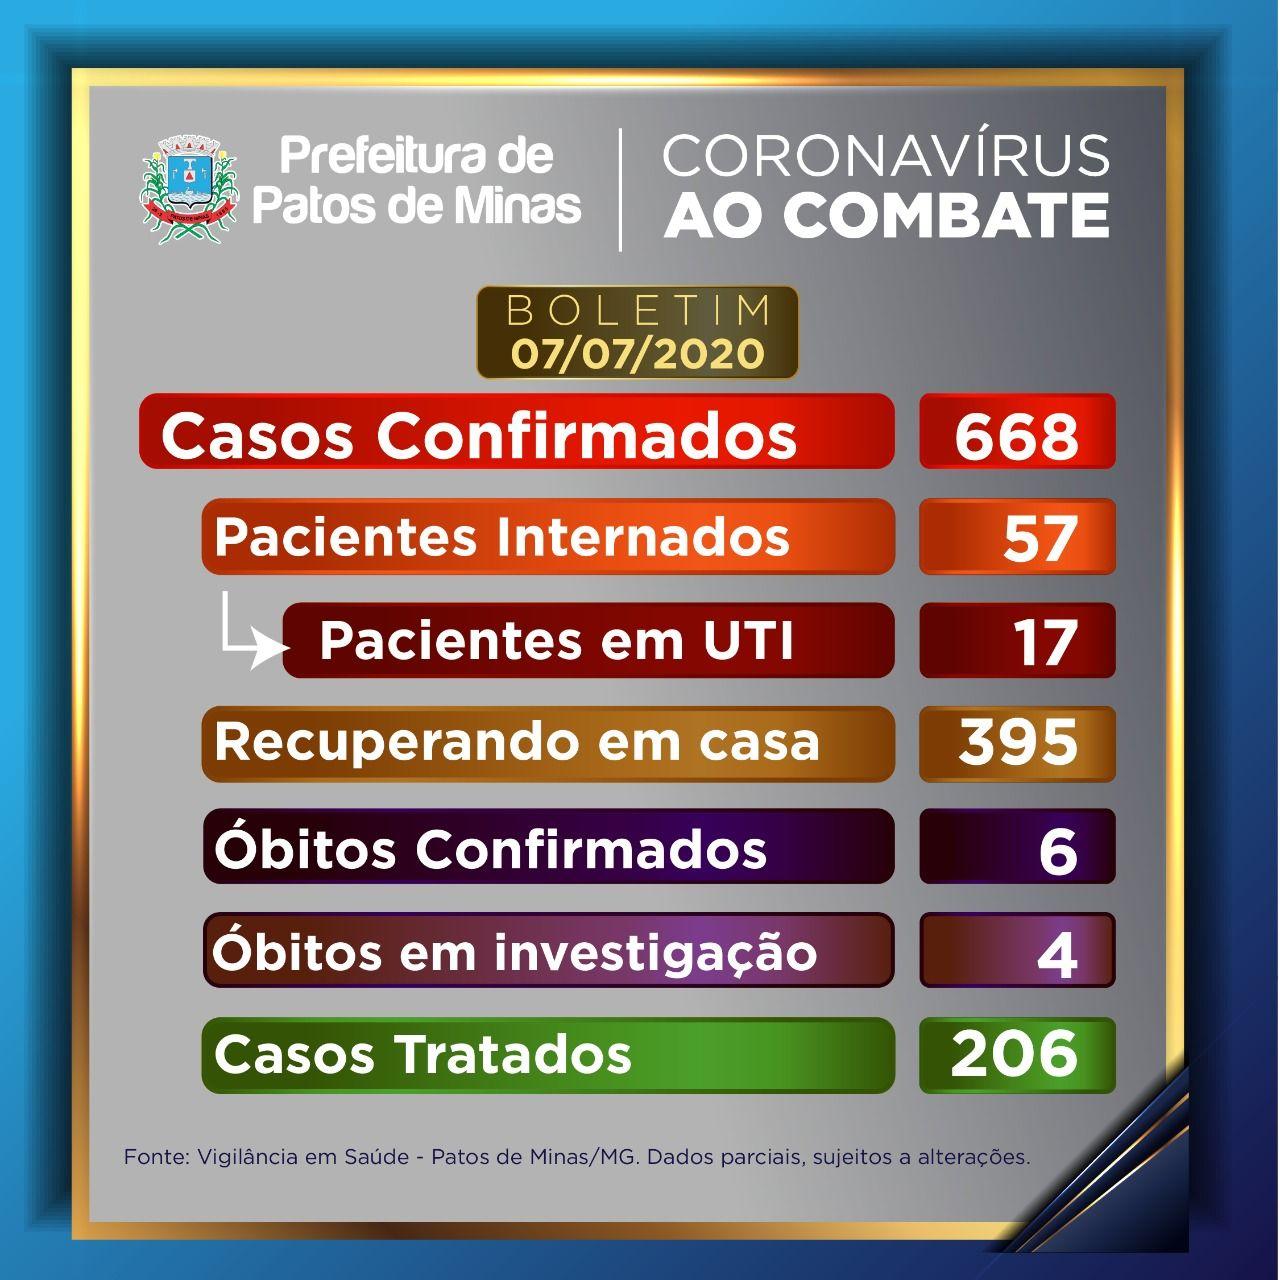 Covid-19: boletim informa 668 casos confirmados e 4 óbitos em investigação